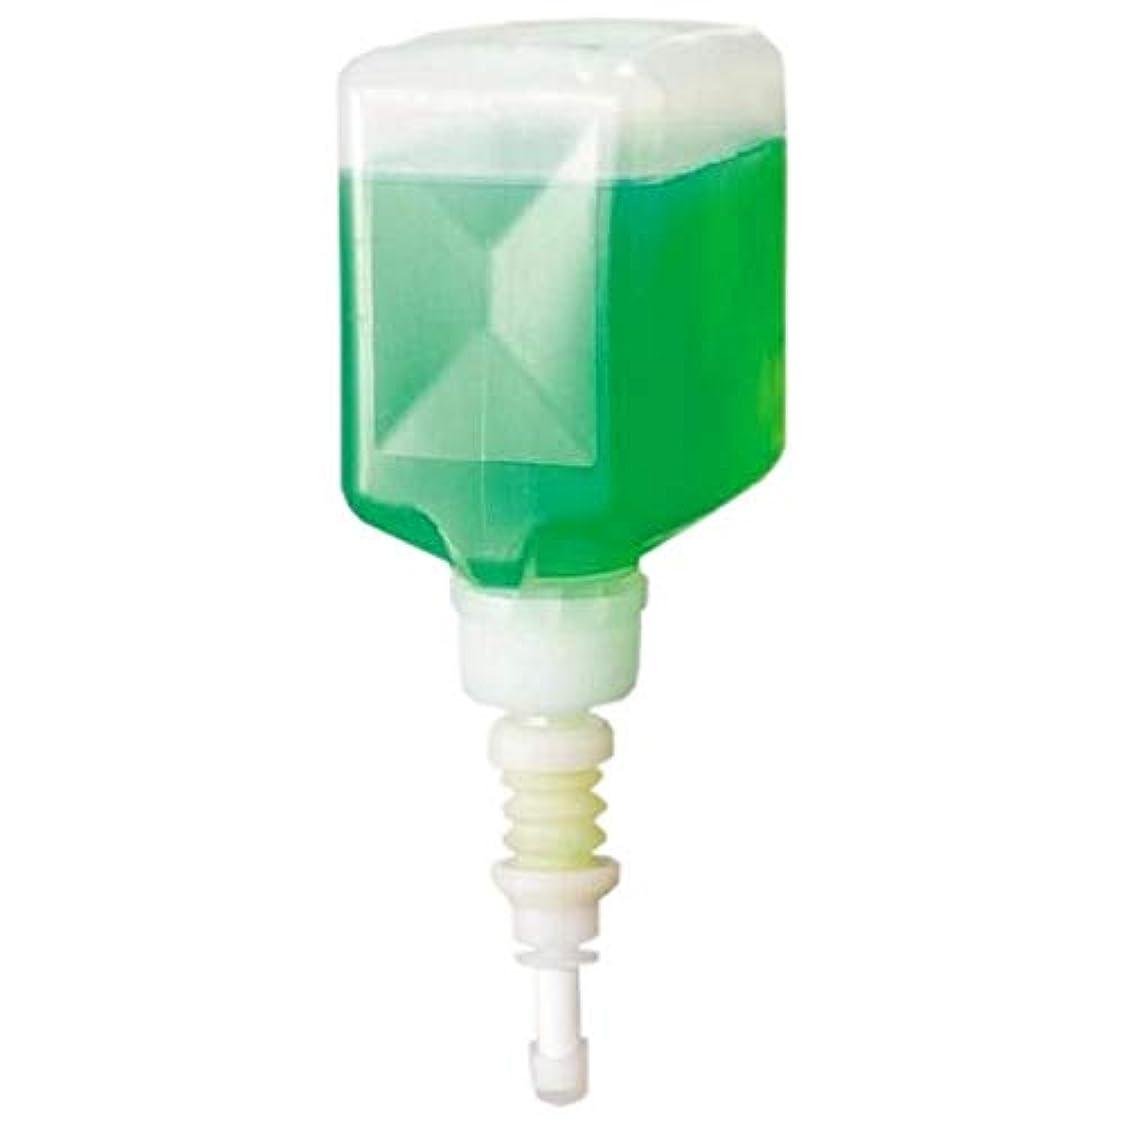 静かな台無しに出来事スタイルデコ シャボネット石けん液Fデコ専用薬液 緑色